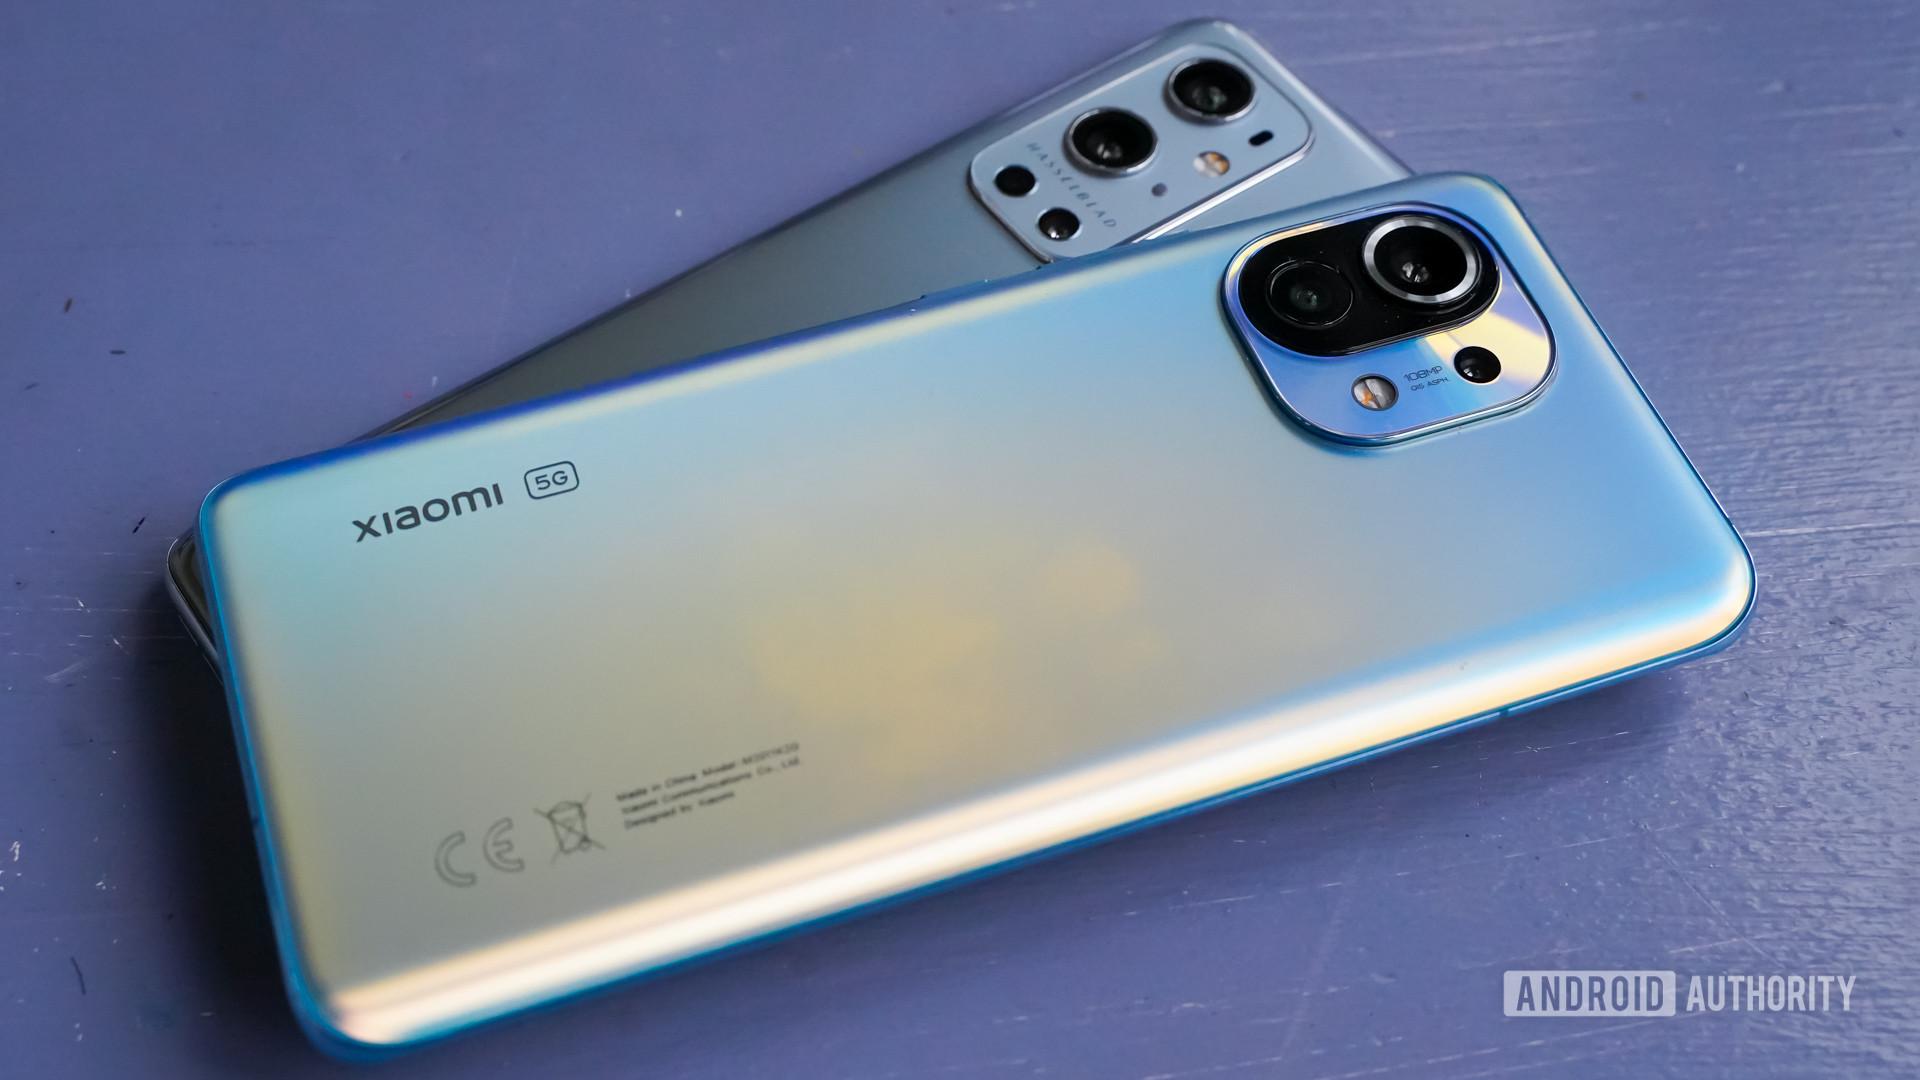 OnePlus 9 Pro vs Xiaomi Mi 11 Xiaomi on top